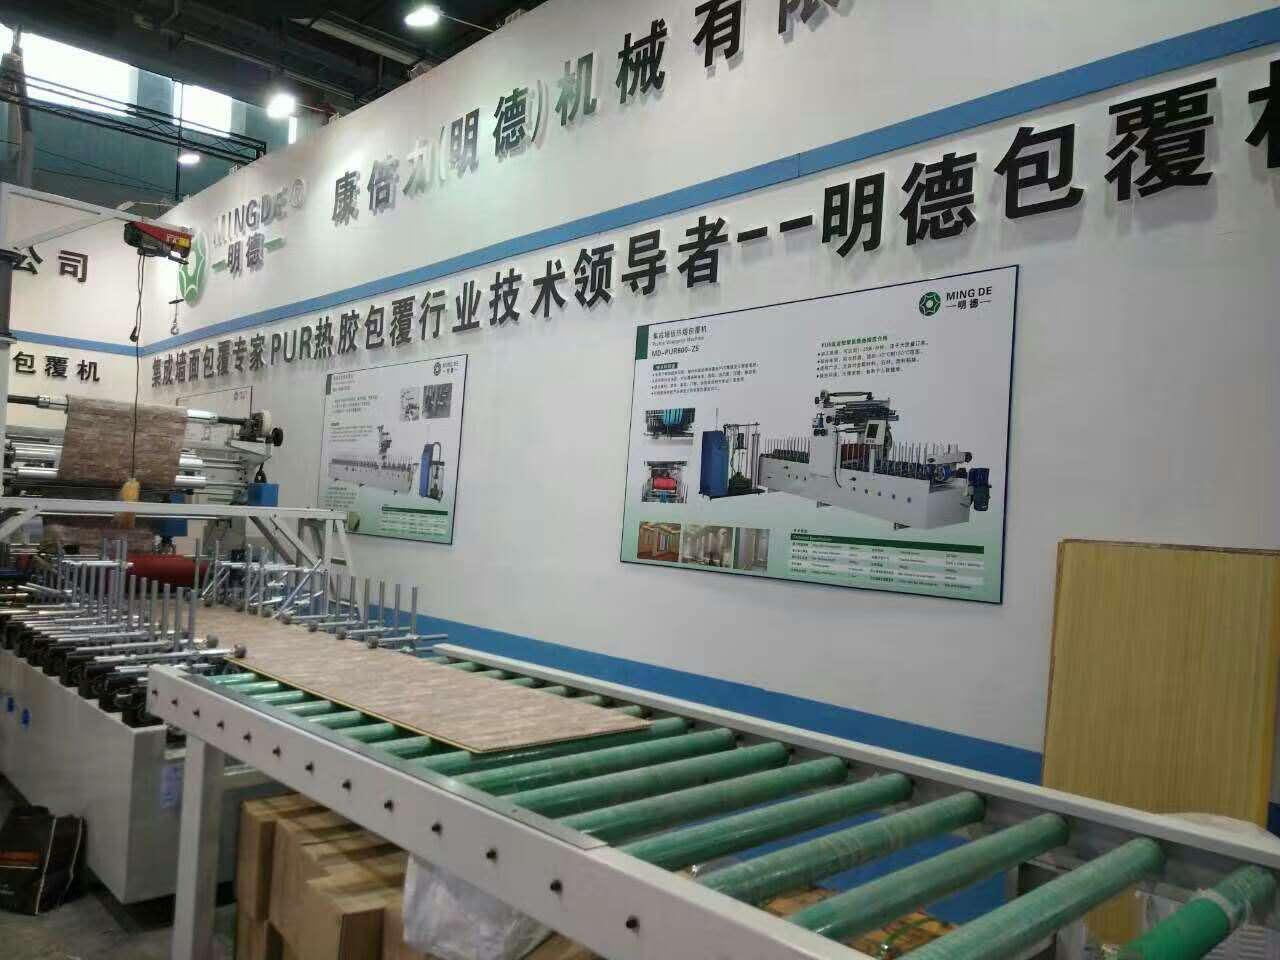 zhejiang exhibition